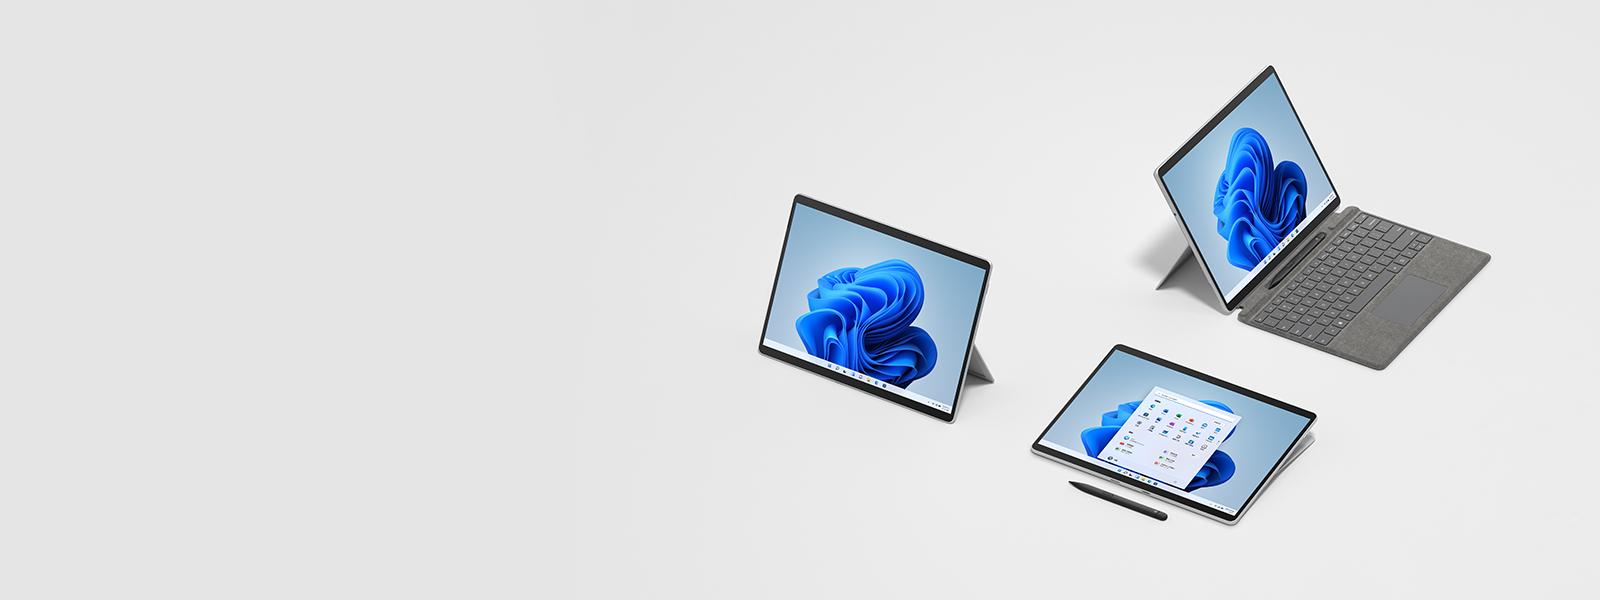 Surface Pro 8 以旧换新